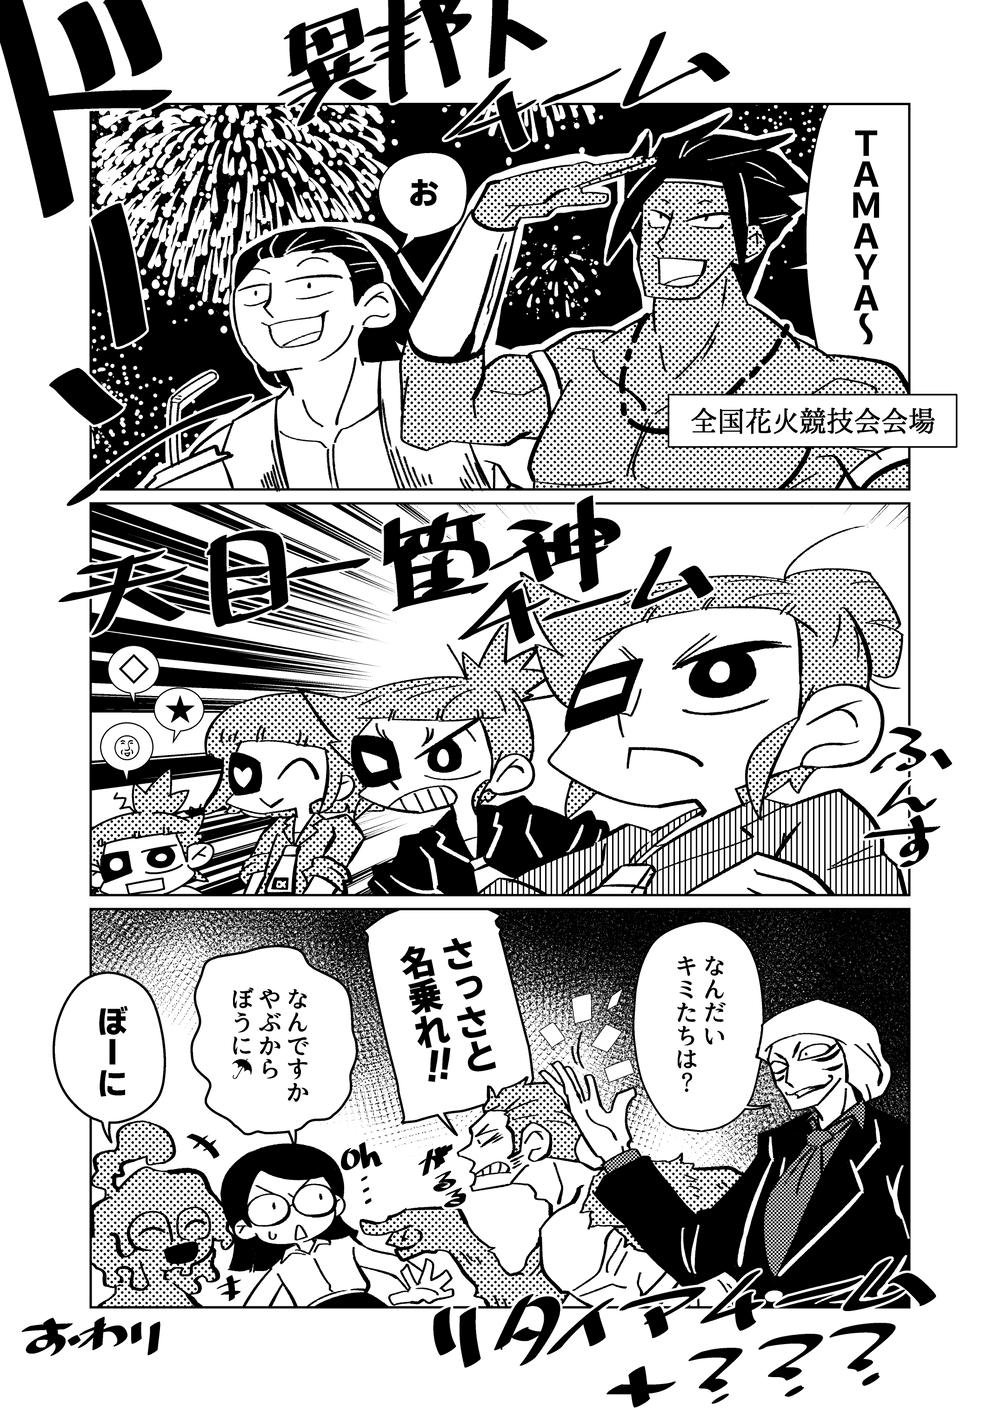 神セカトー_004